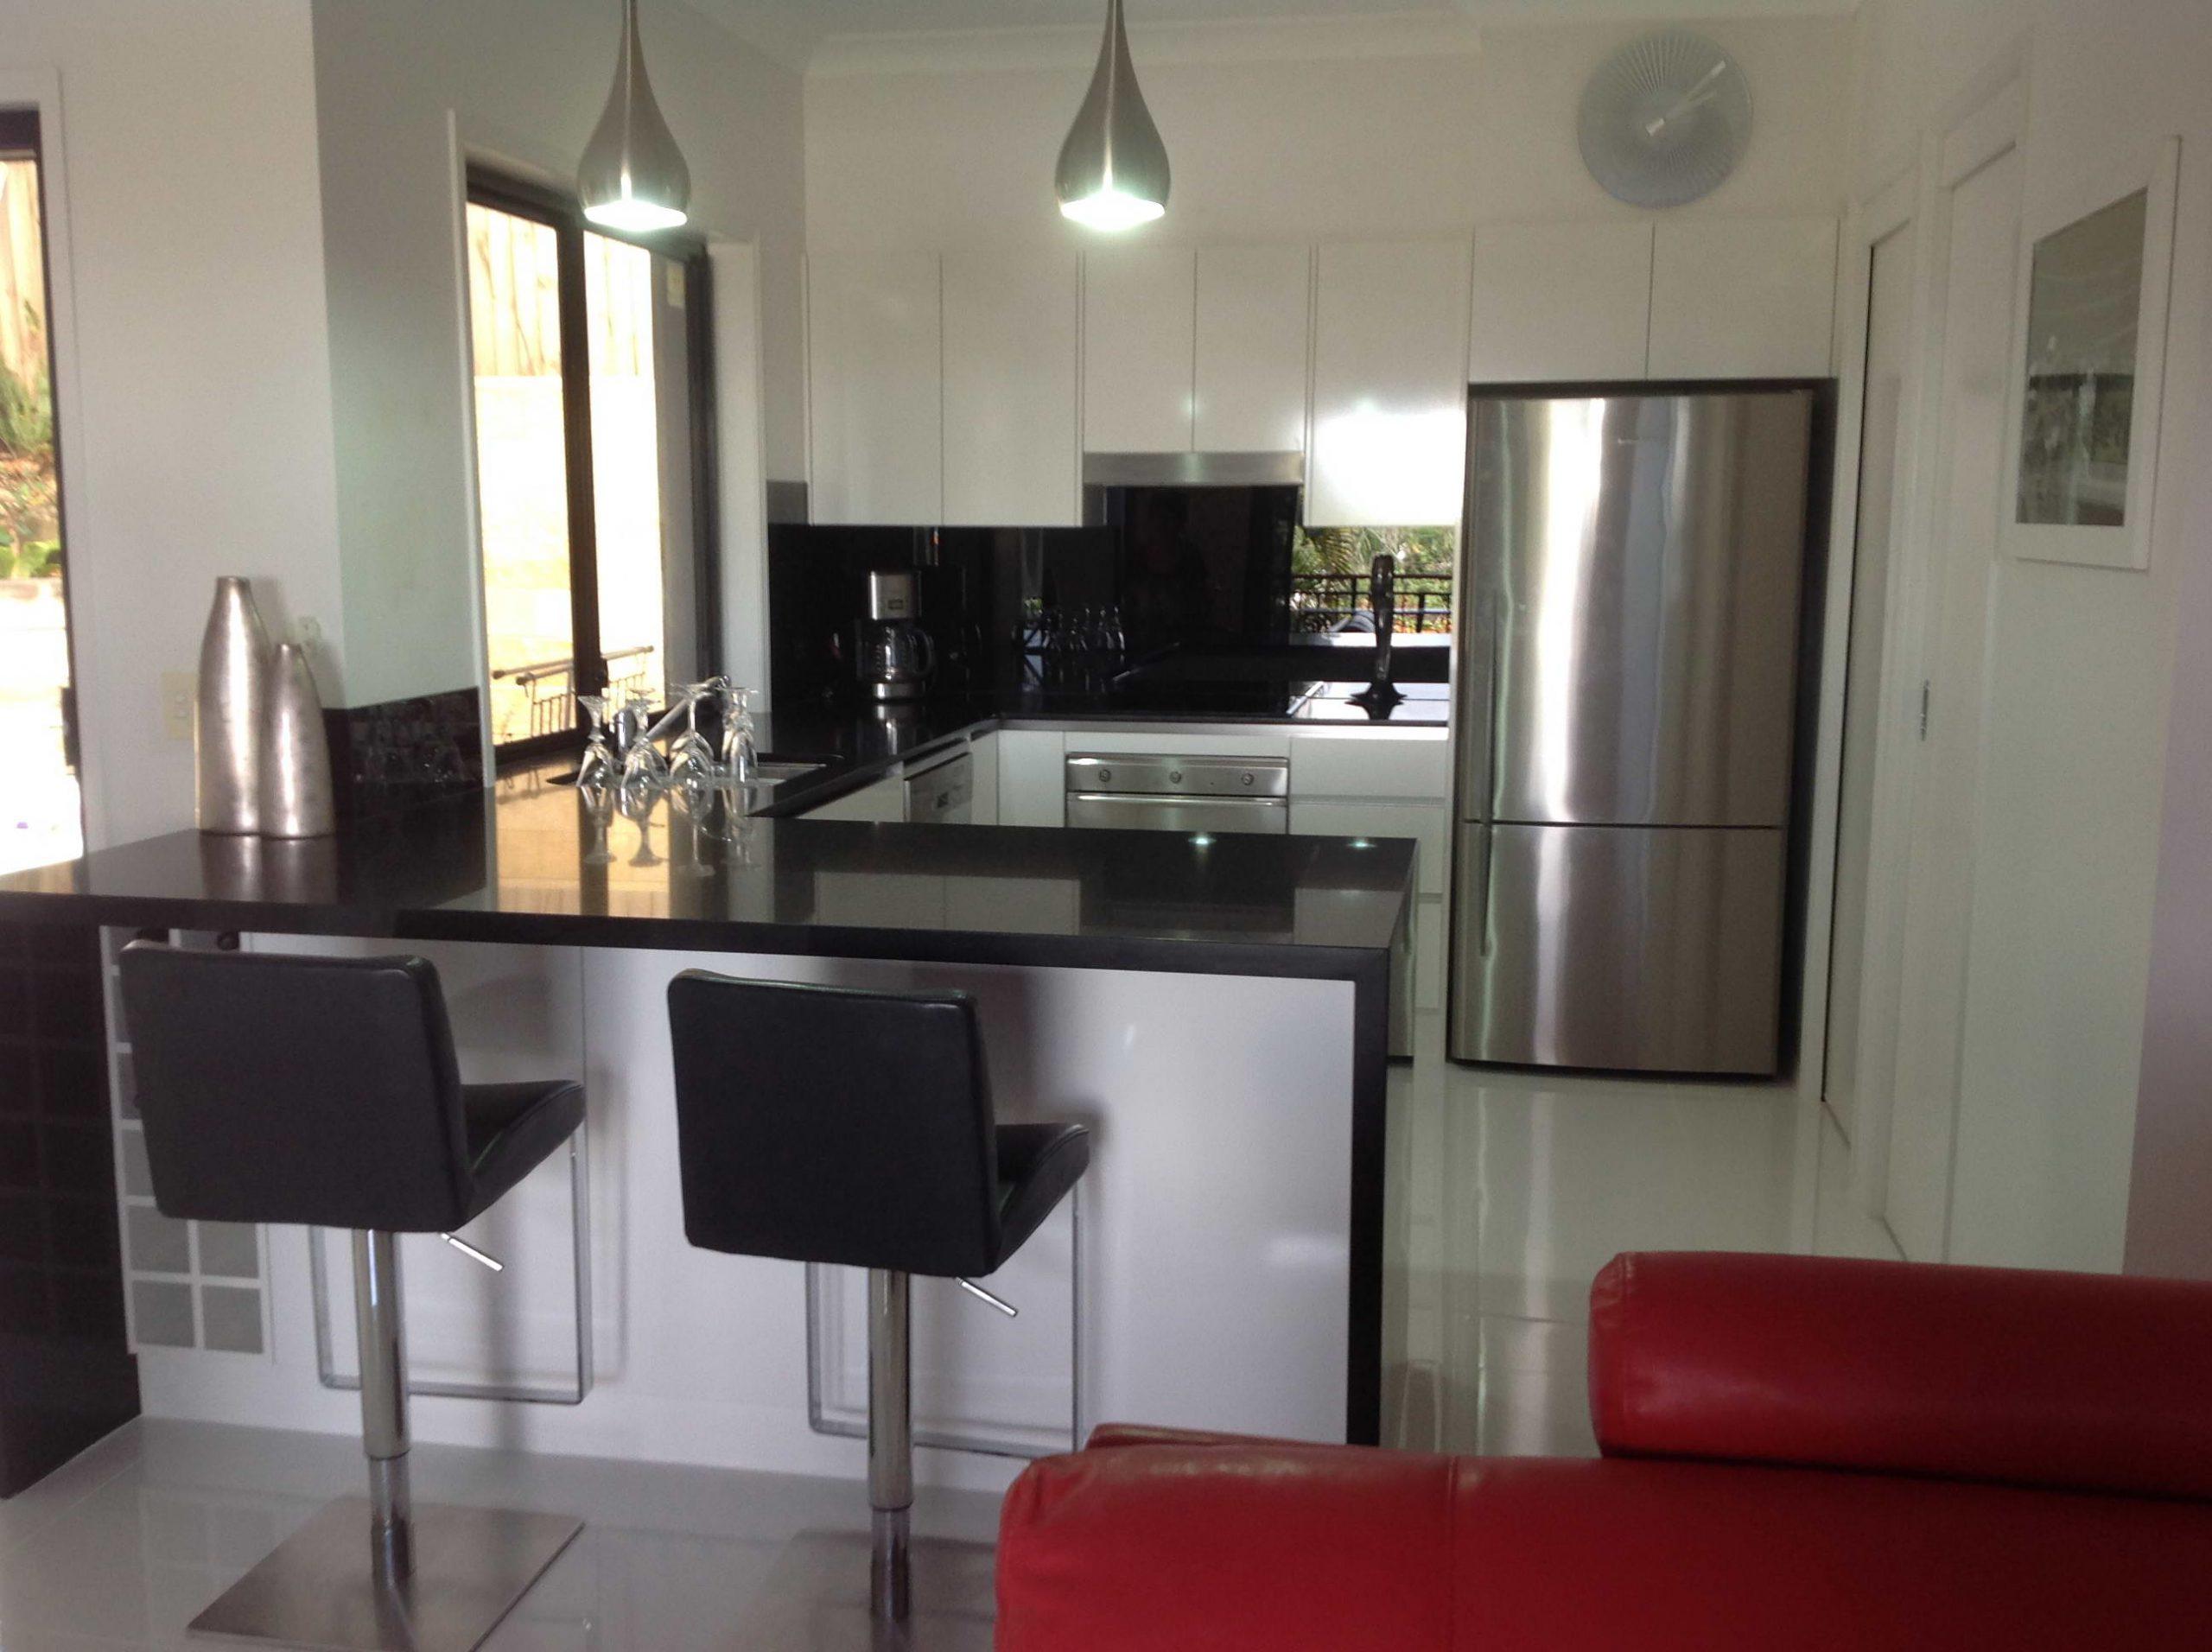 Kitchen Renovations - Gold Coast - Renovation at Labrador